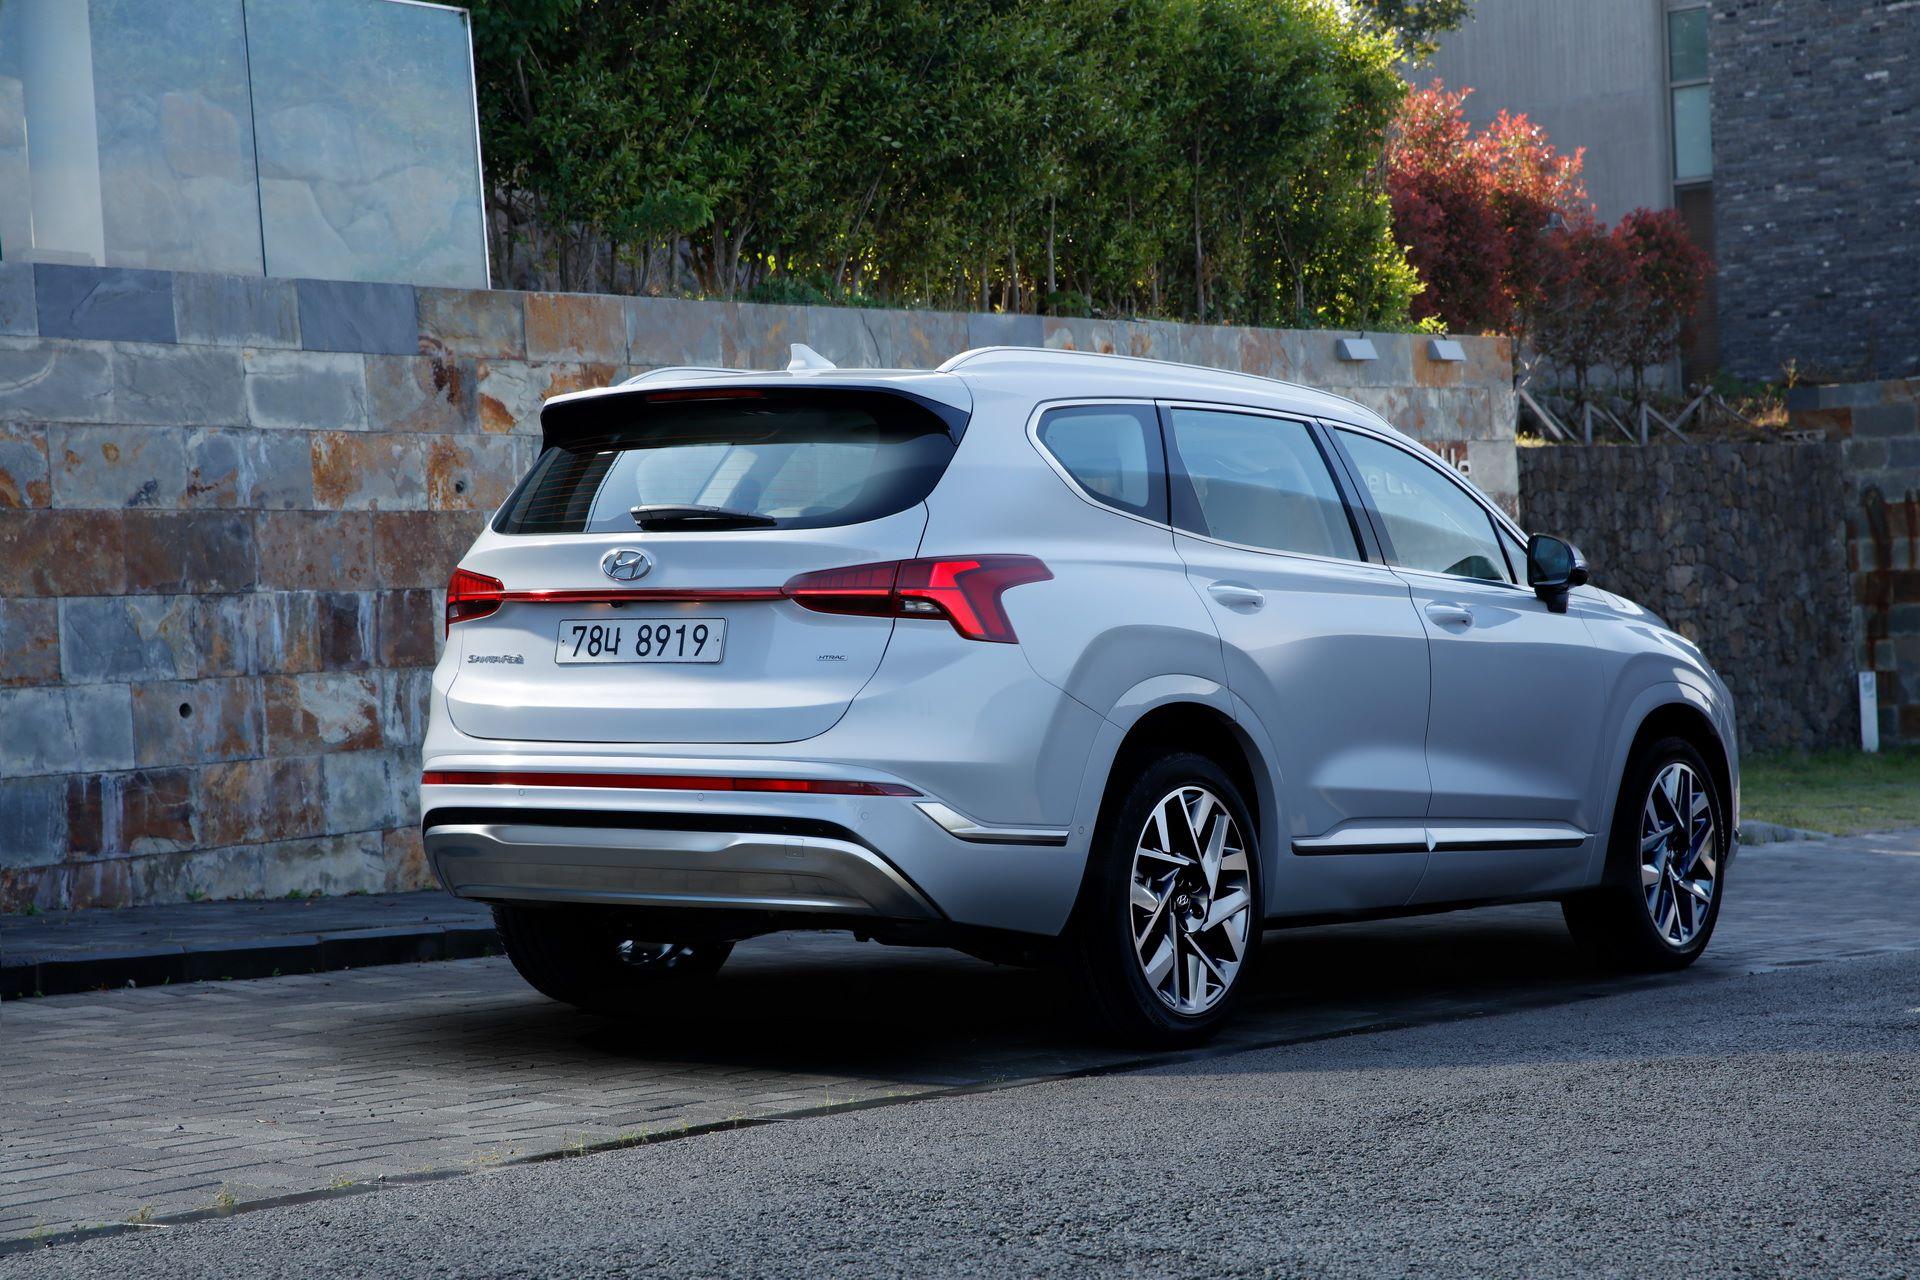 Hyundai-Santa-Fe-2020-7